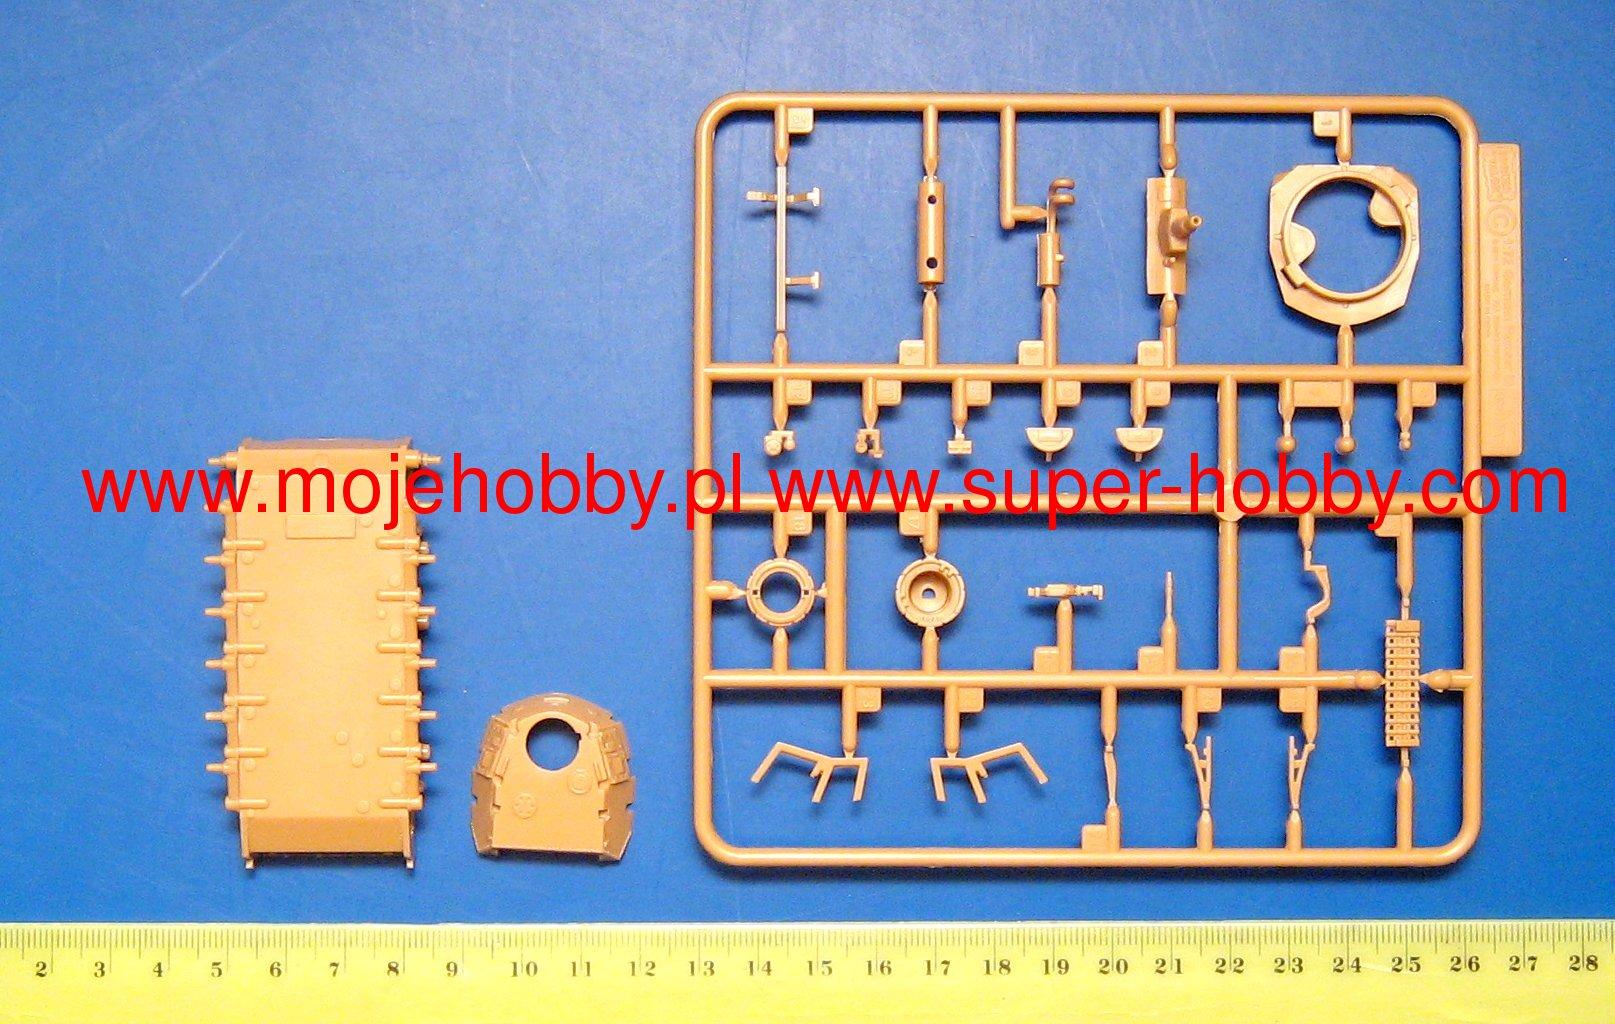 200 Holzschrauben 3,5 x 35 mm  Allzweckschrauben Flako Stahl Schrauben R2 PZD 2